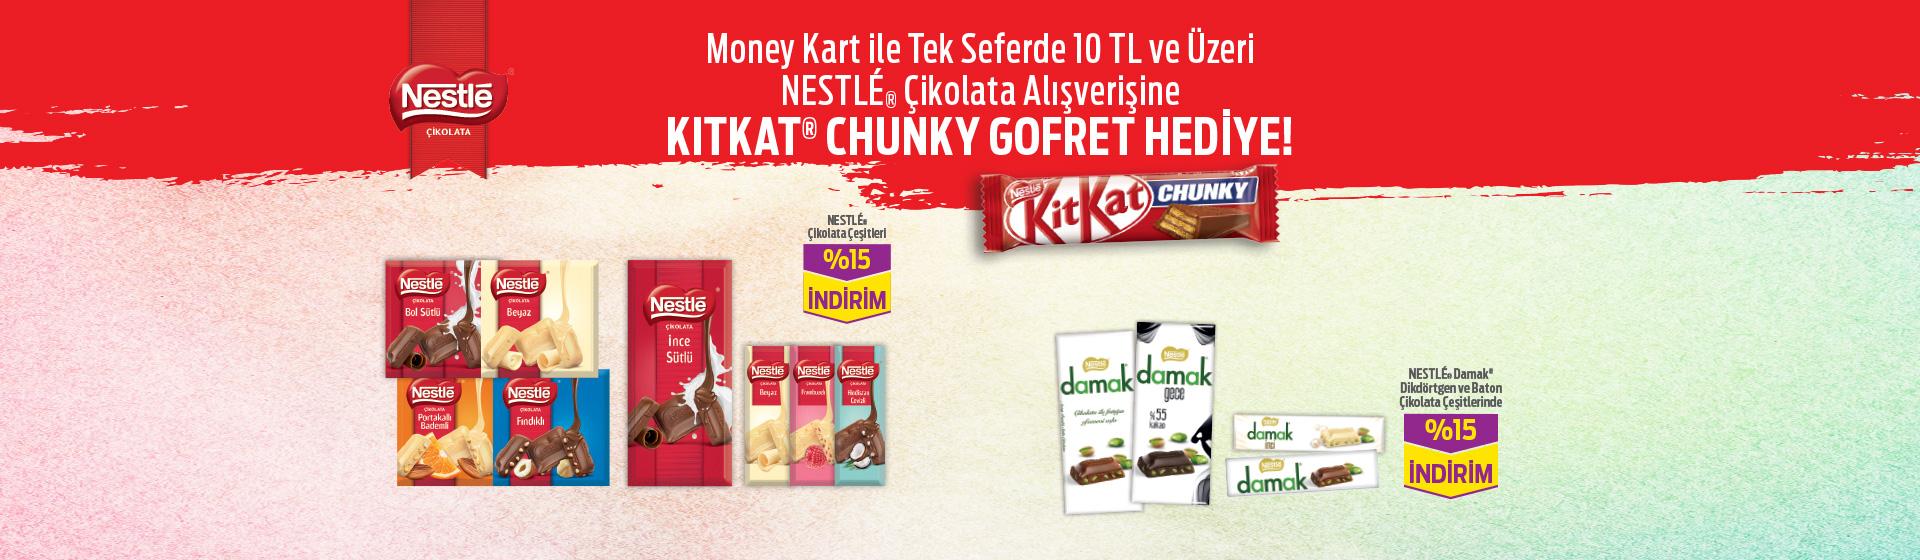 Nestle Çikolata Hediye Kampanyası